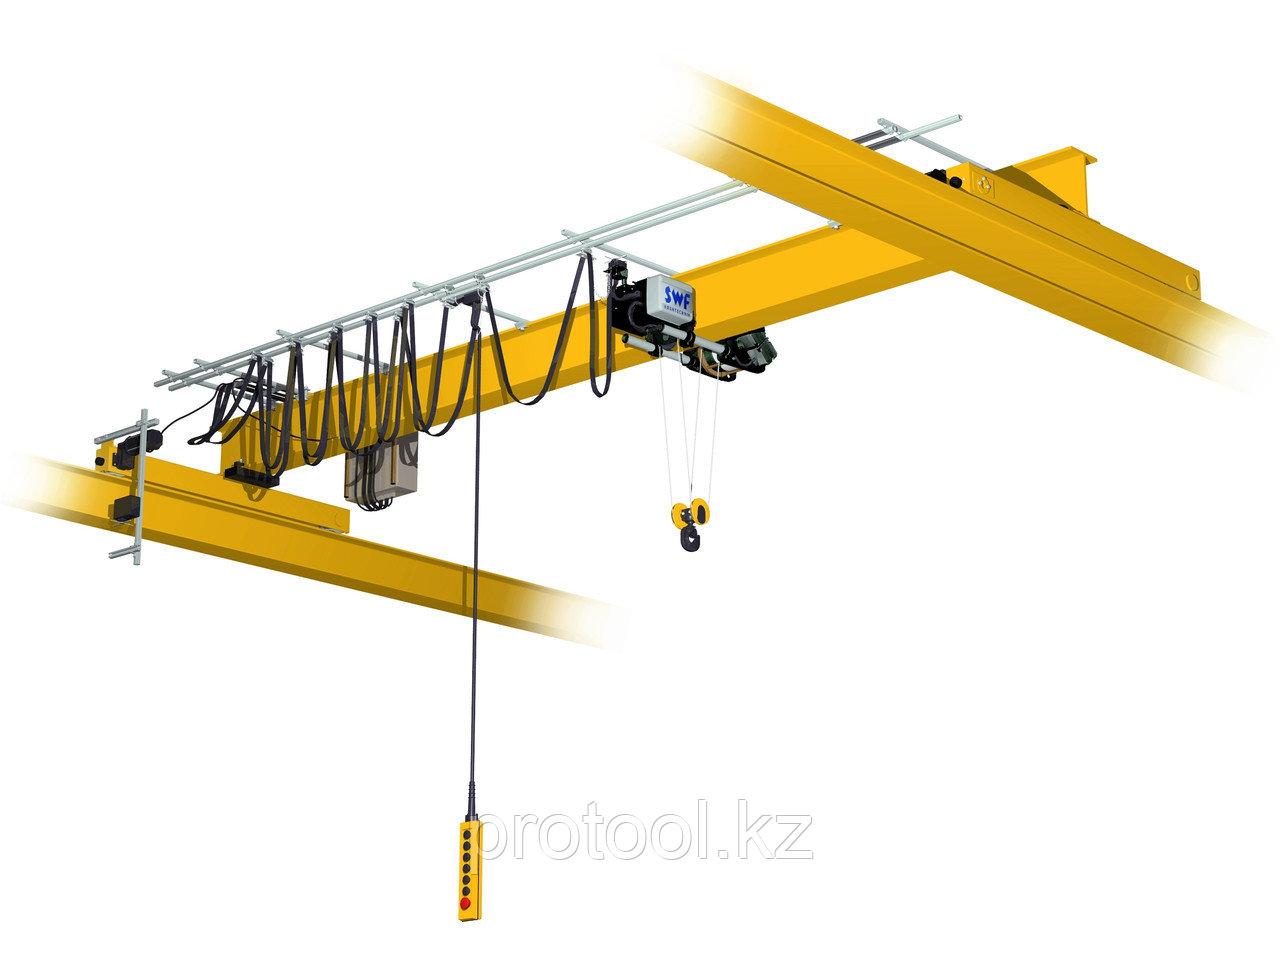 Кран мостовой однобалочный опорный однопролётный г/п 3,2 т пролет 22,5 м